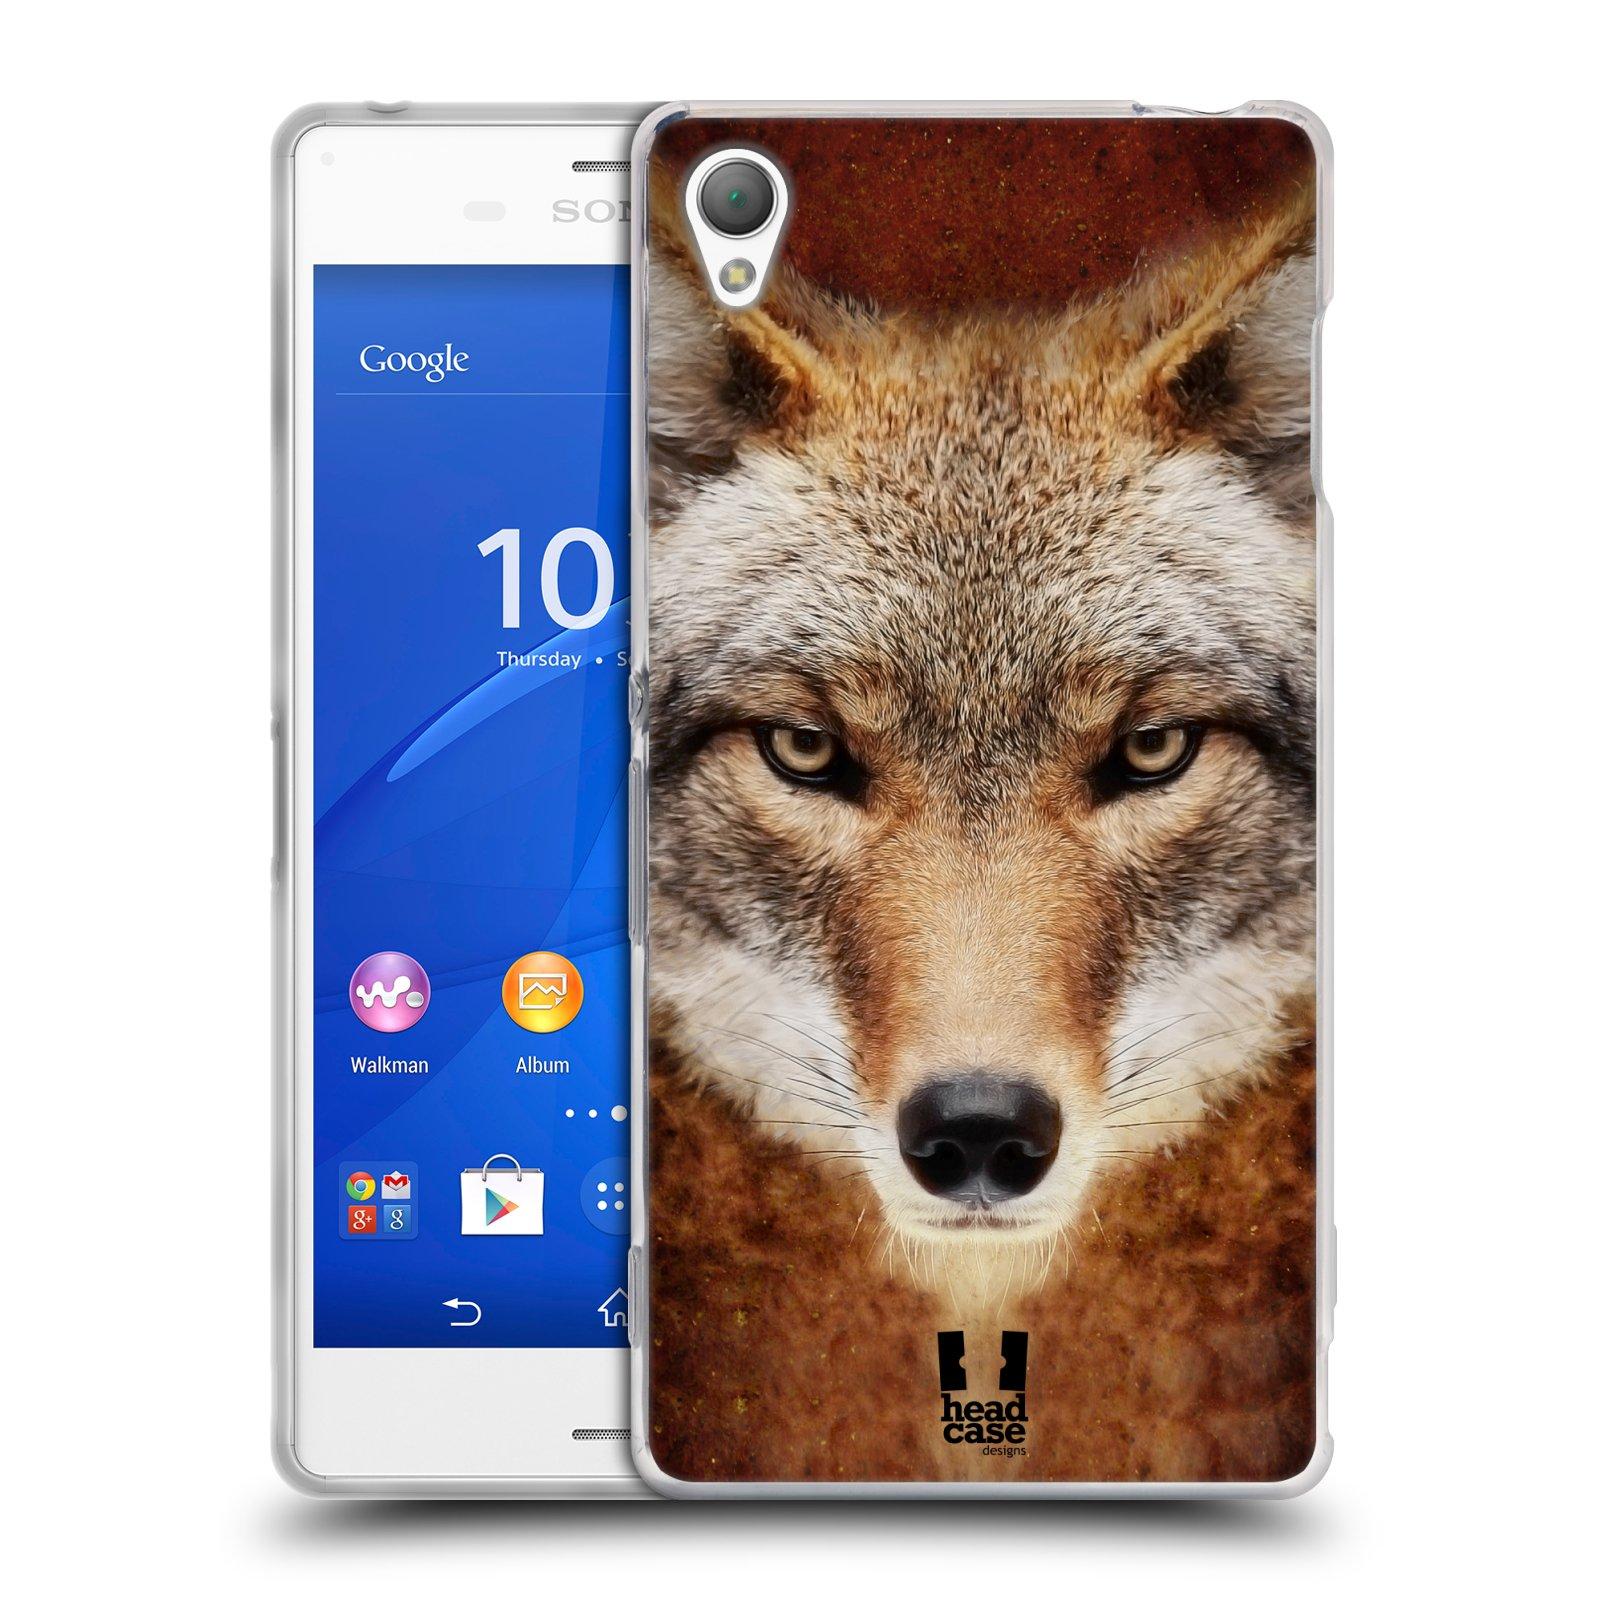 HEAD CASE silikonový obal na mobil Sony Xperia Z3 vzor Zvířecí tváře kojot